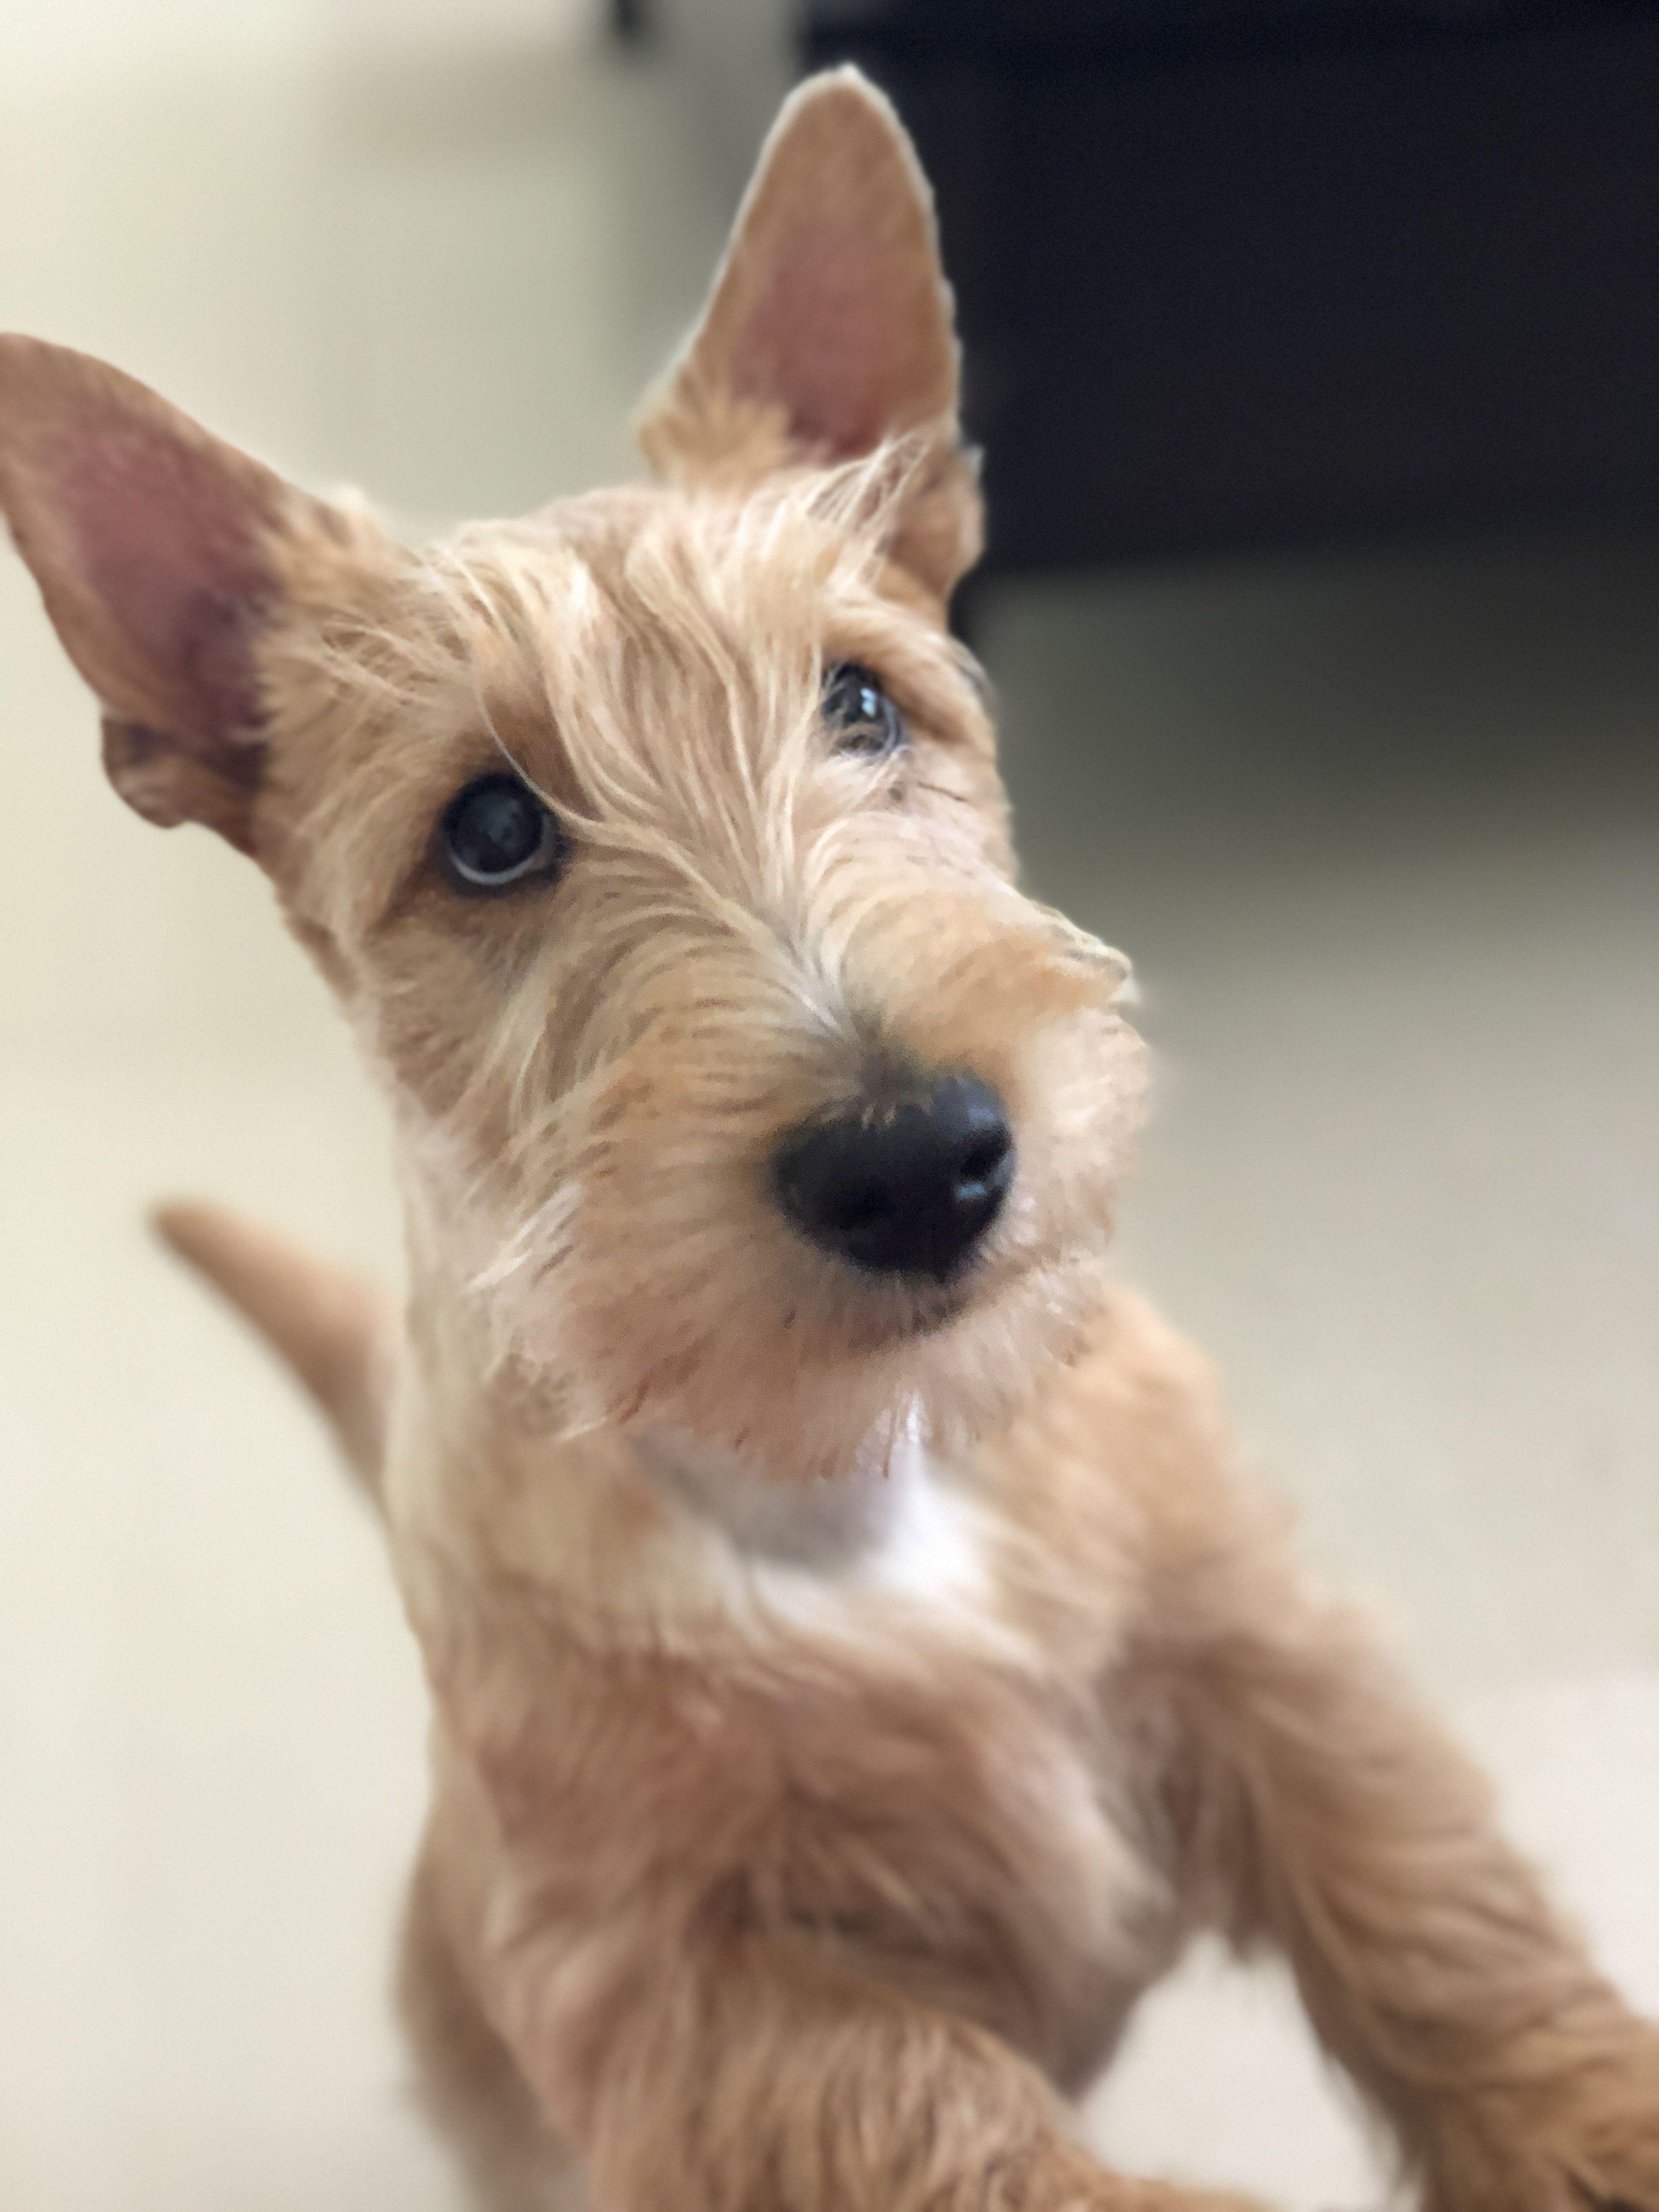 My Wheaten Scottish Terrier Rosie